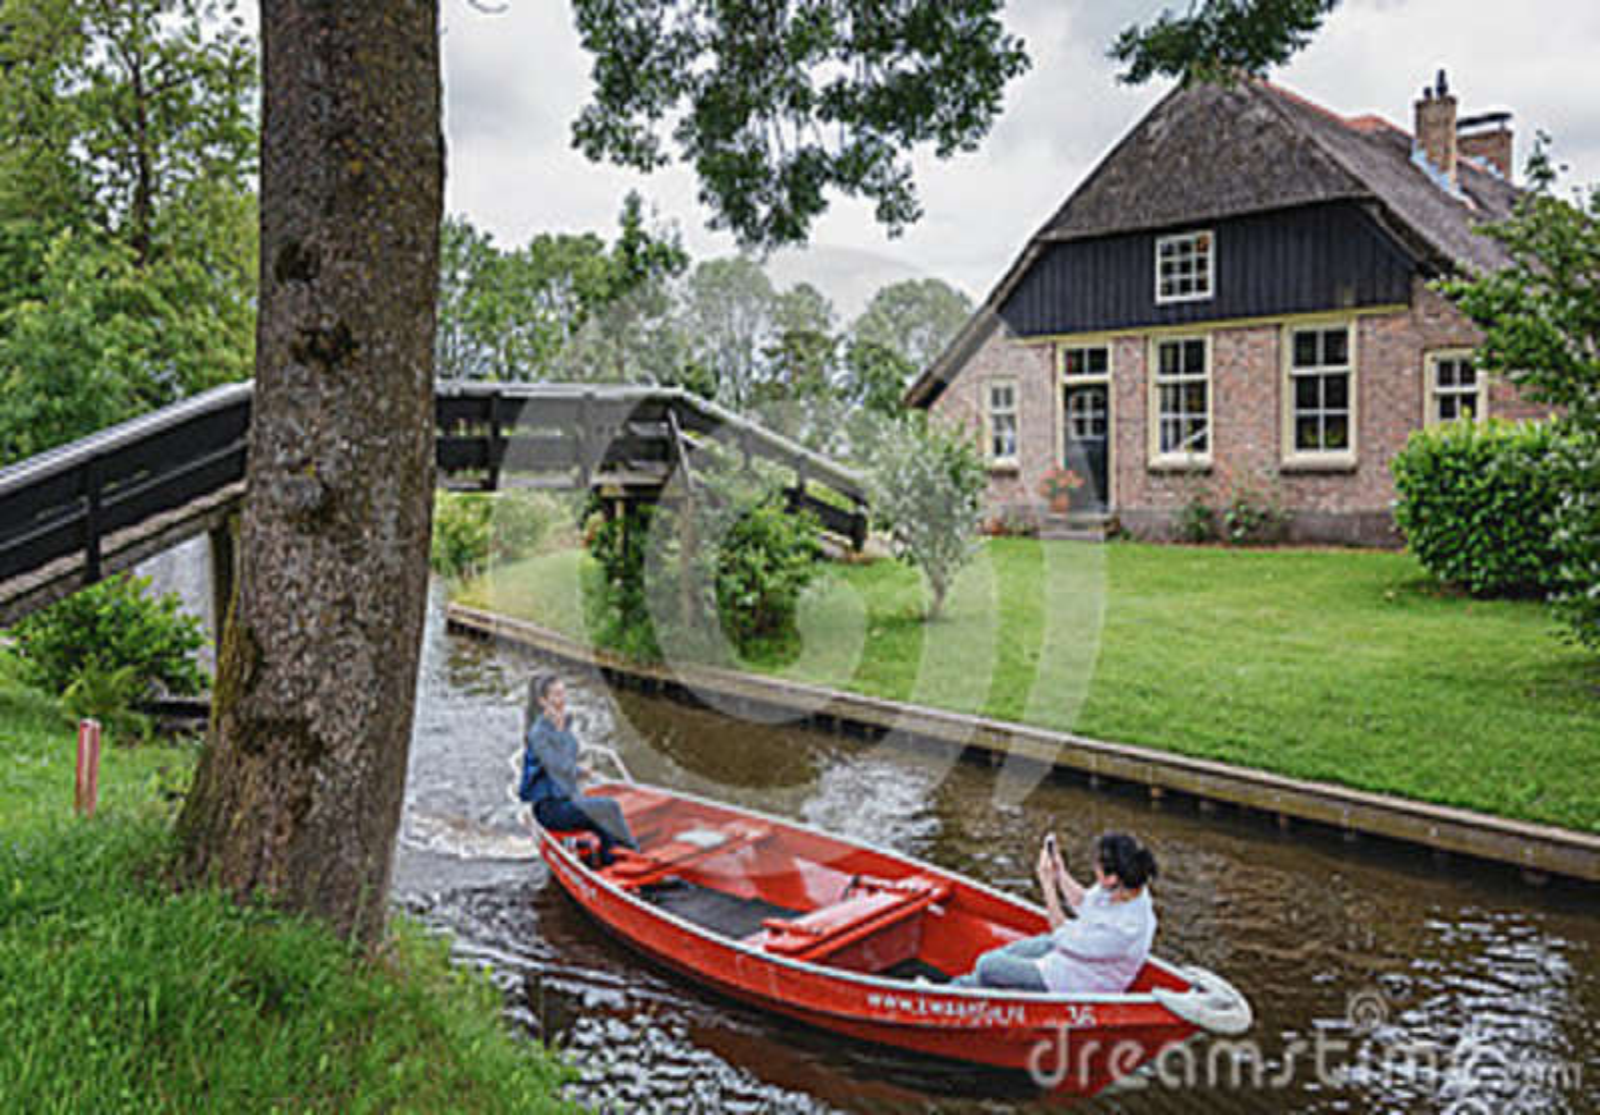 Touristes prenant des photos sur un bateau dans Giethoorn, Pays-Bas